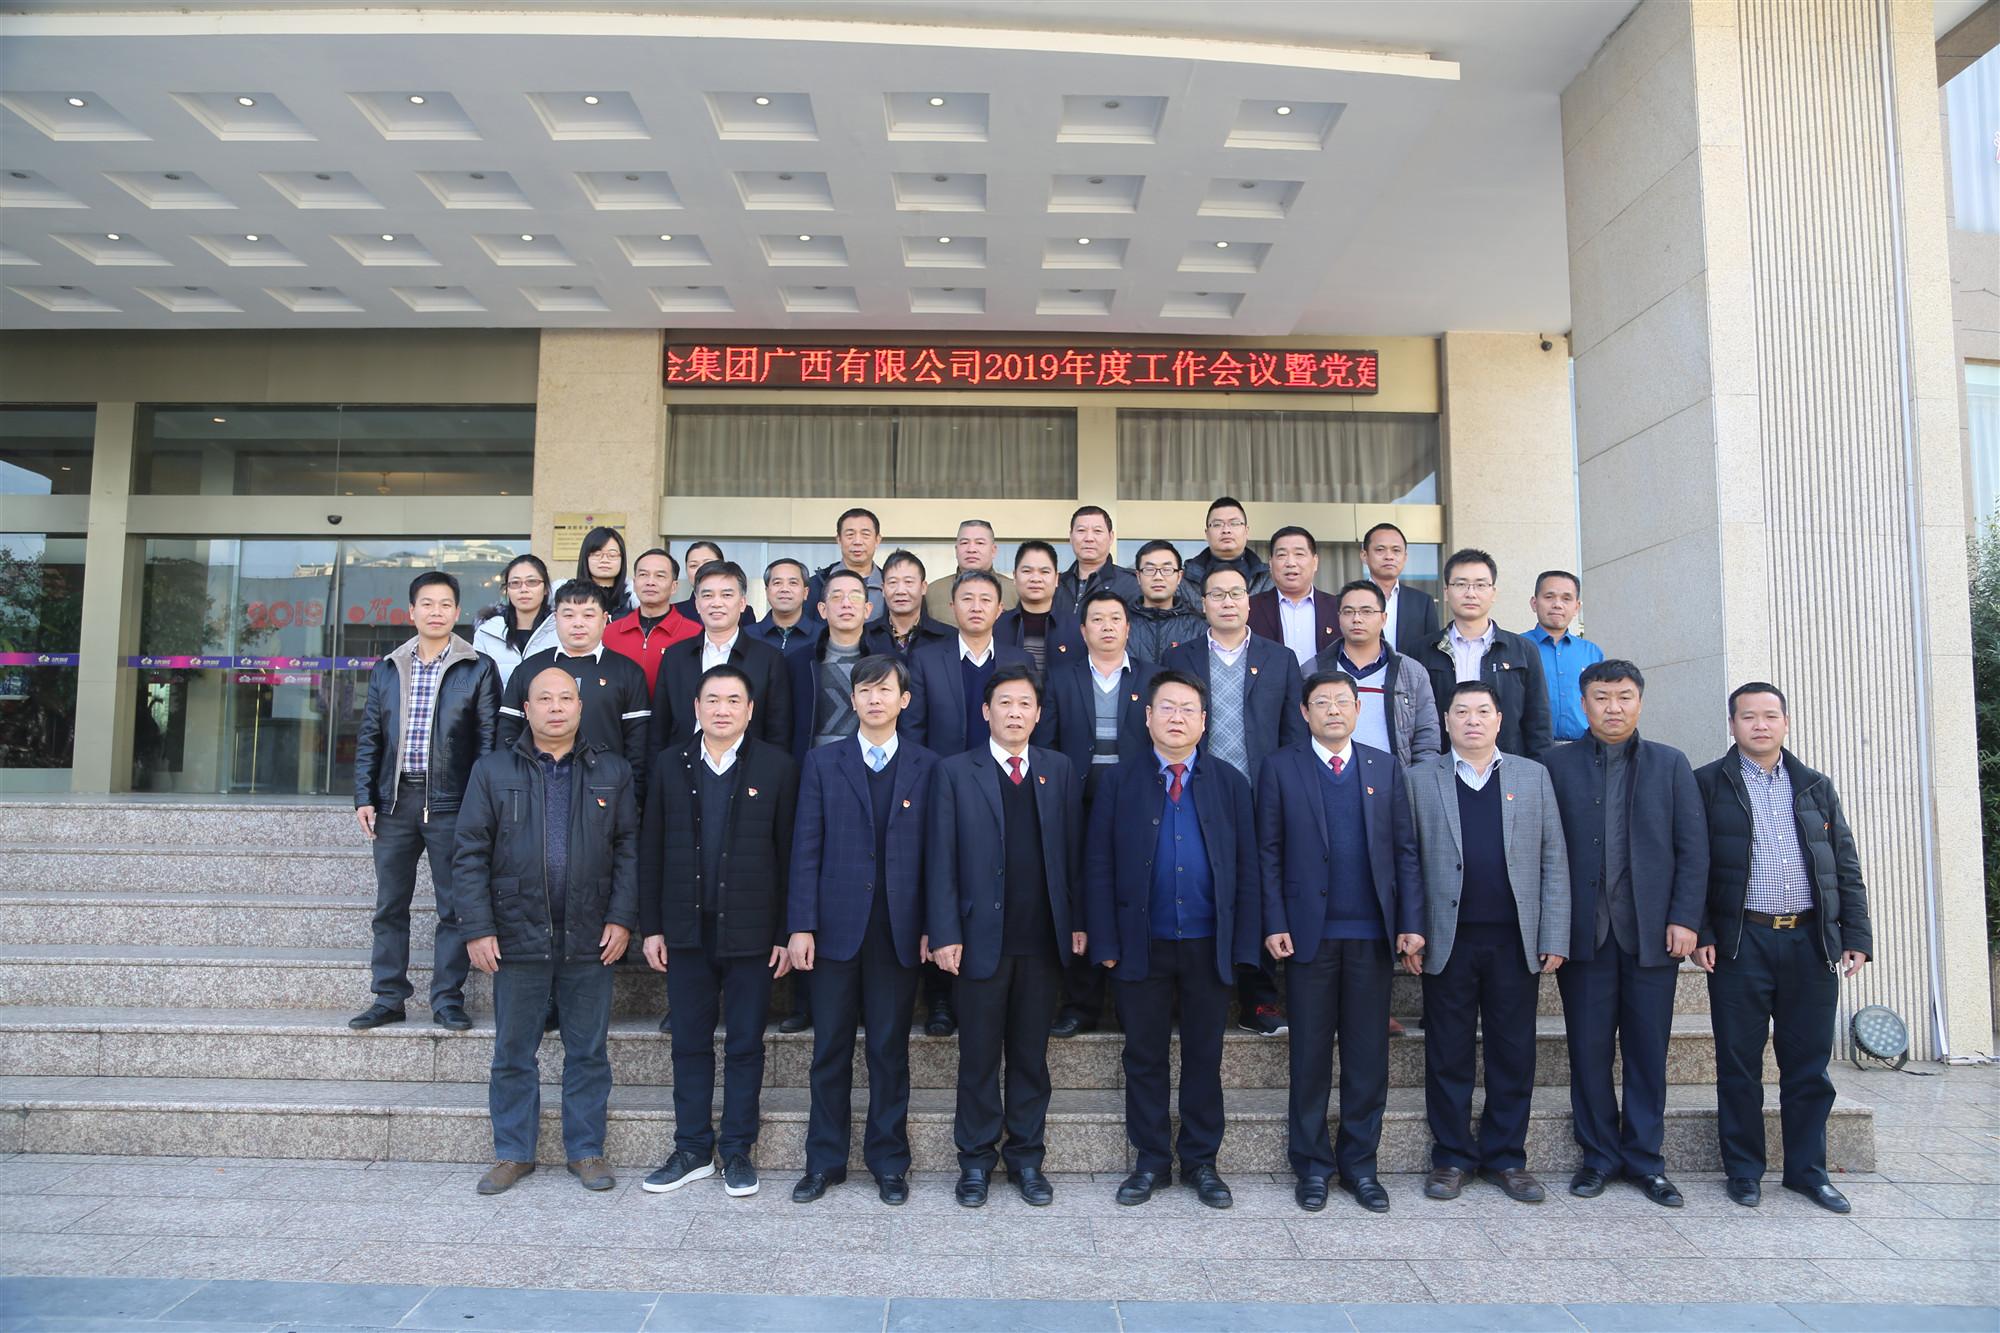 中國黃金集團廣西有限公司2019年度工作會議暨黨建工作會議